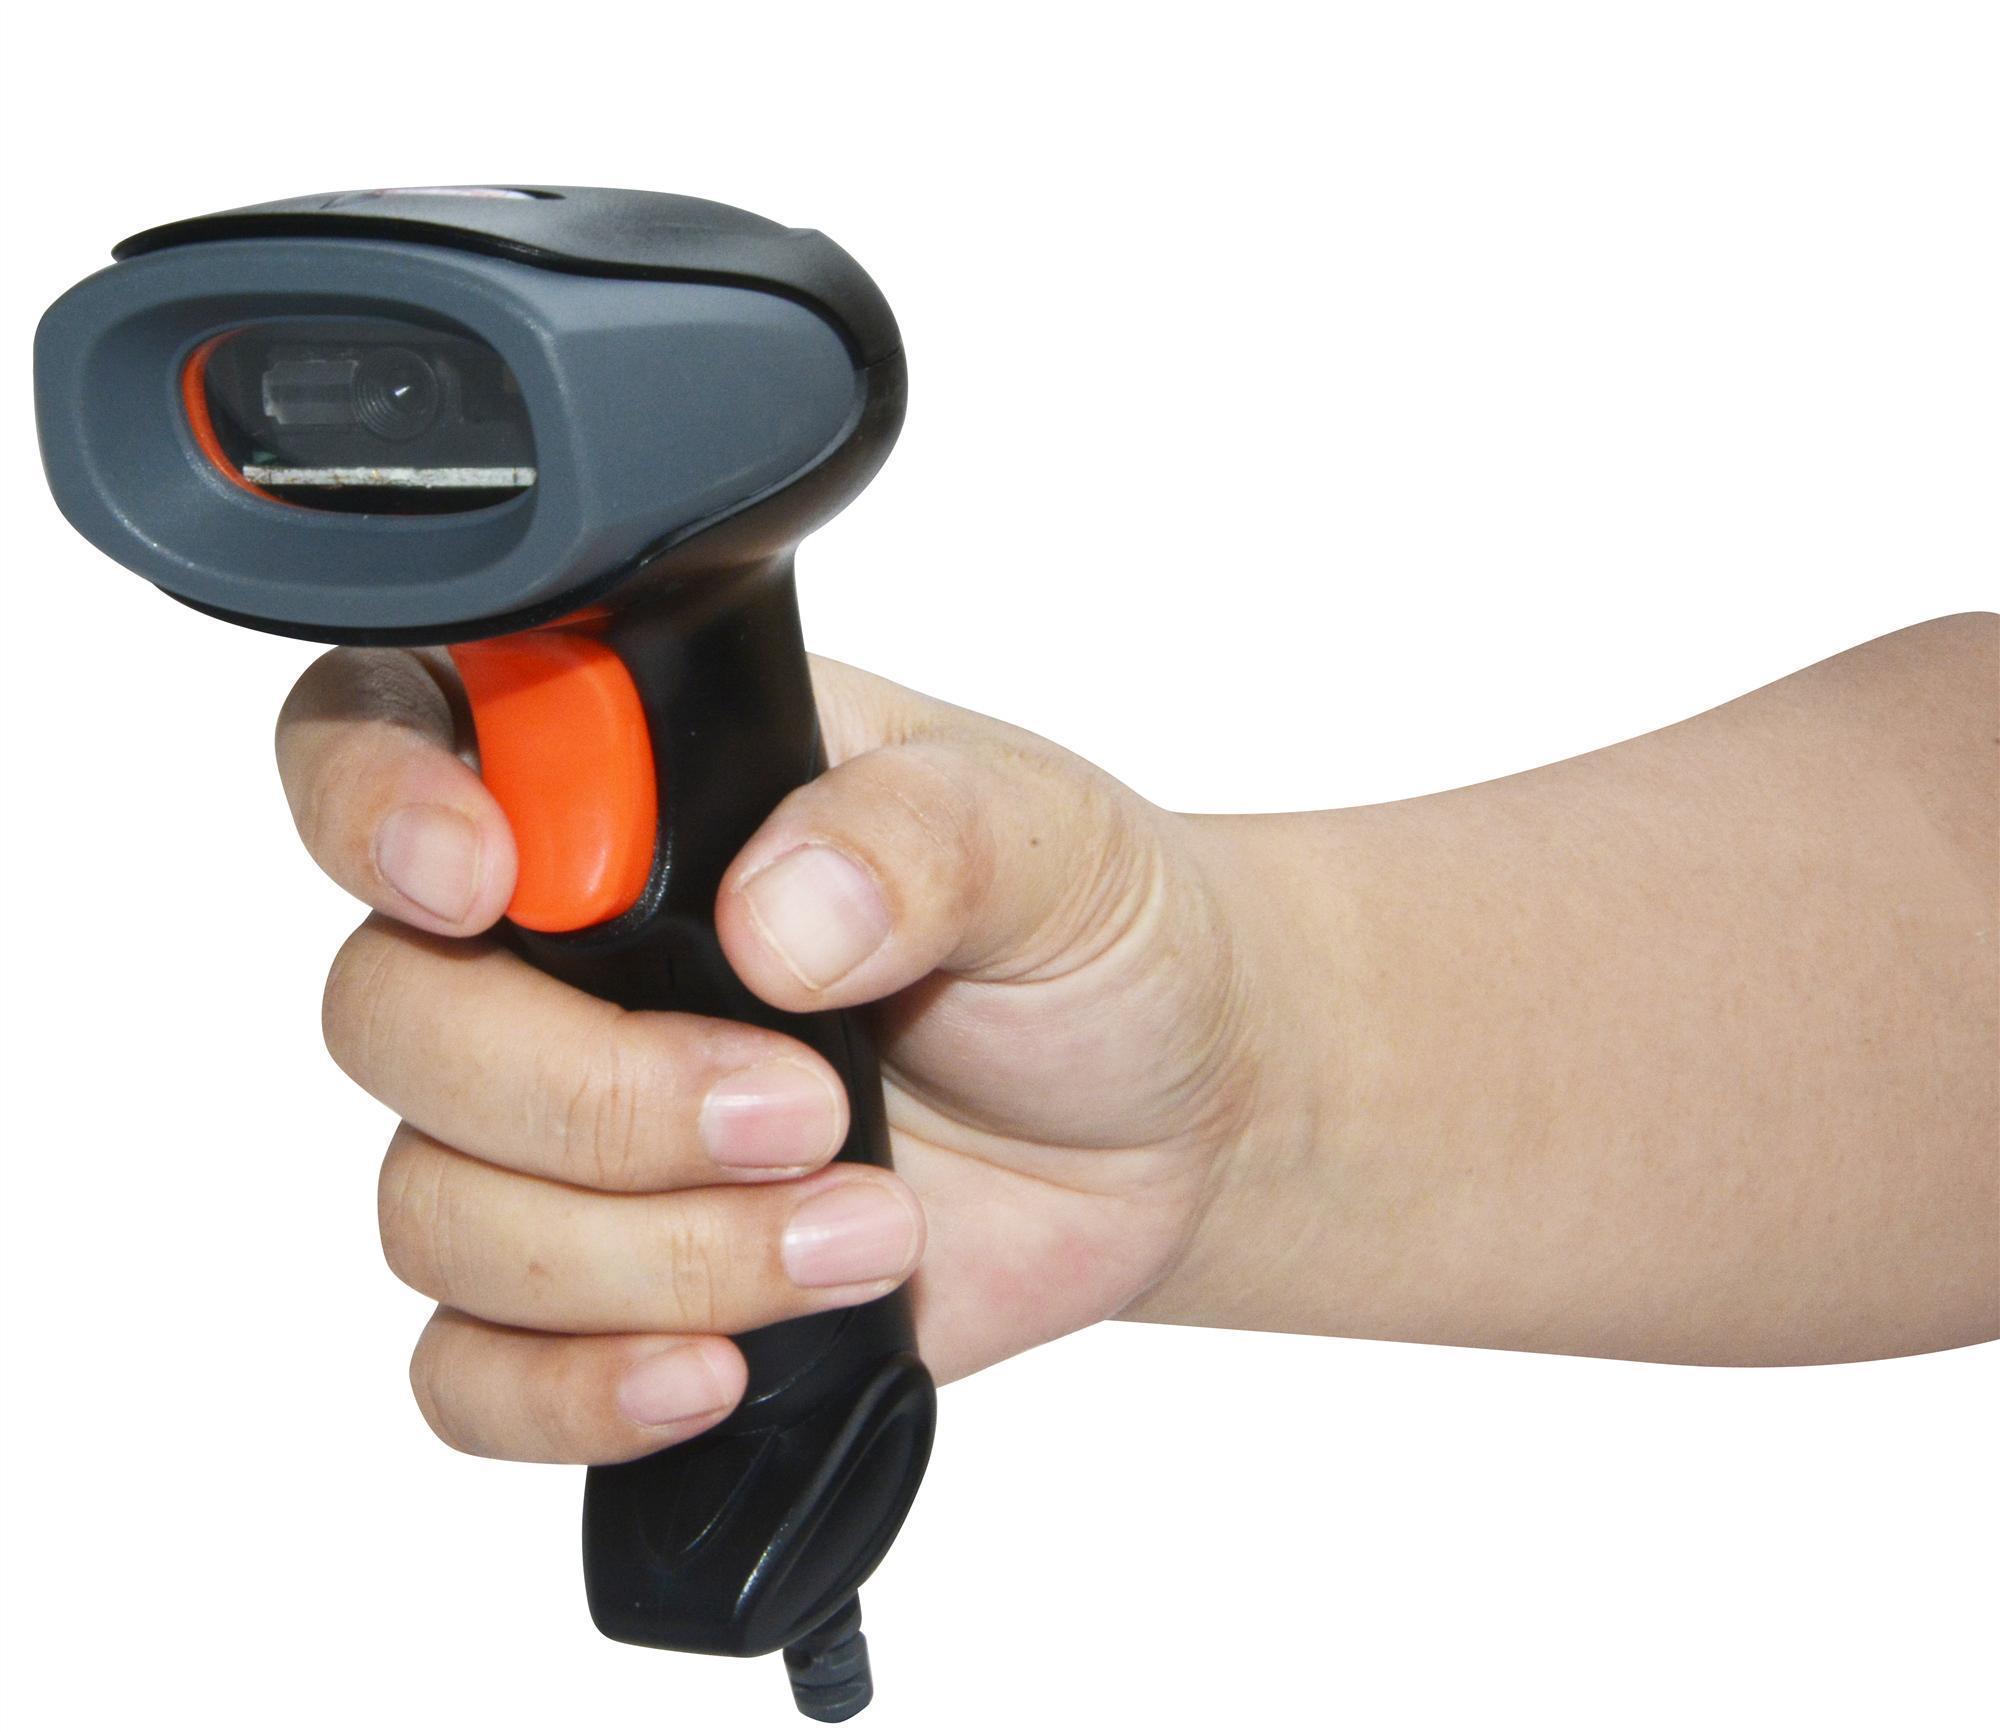 2d Qr Usb Проводная сканер штрих-кода Ручной водить считывателя штрих-кода сканер штрих-приемник для чтения супермаркет Бесплатная доставка